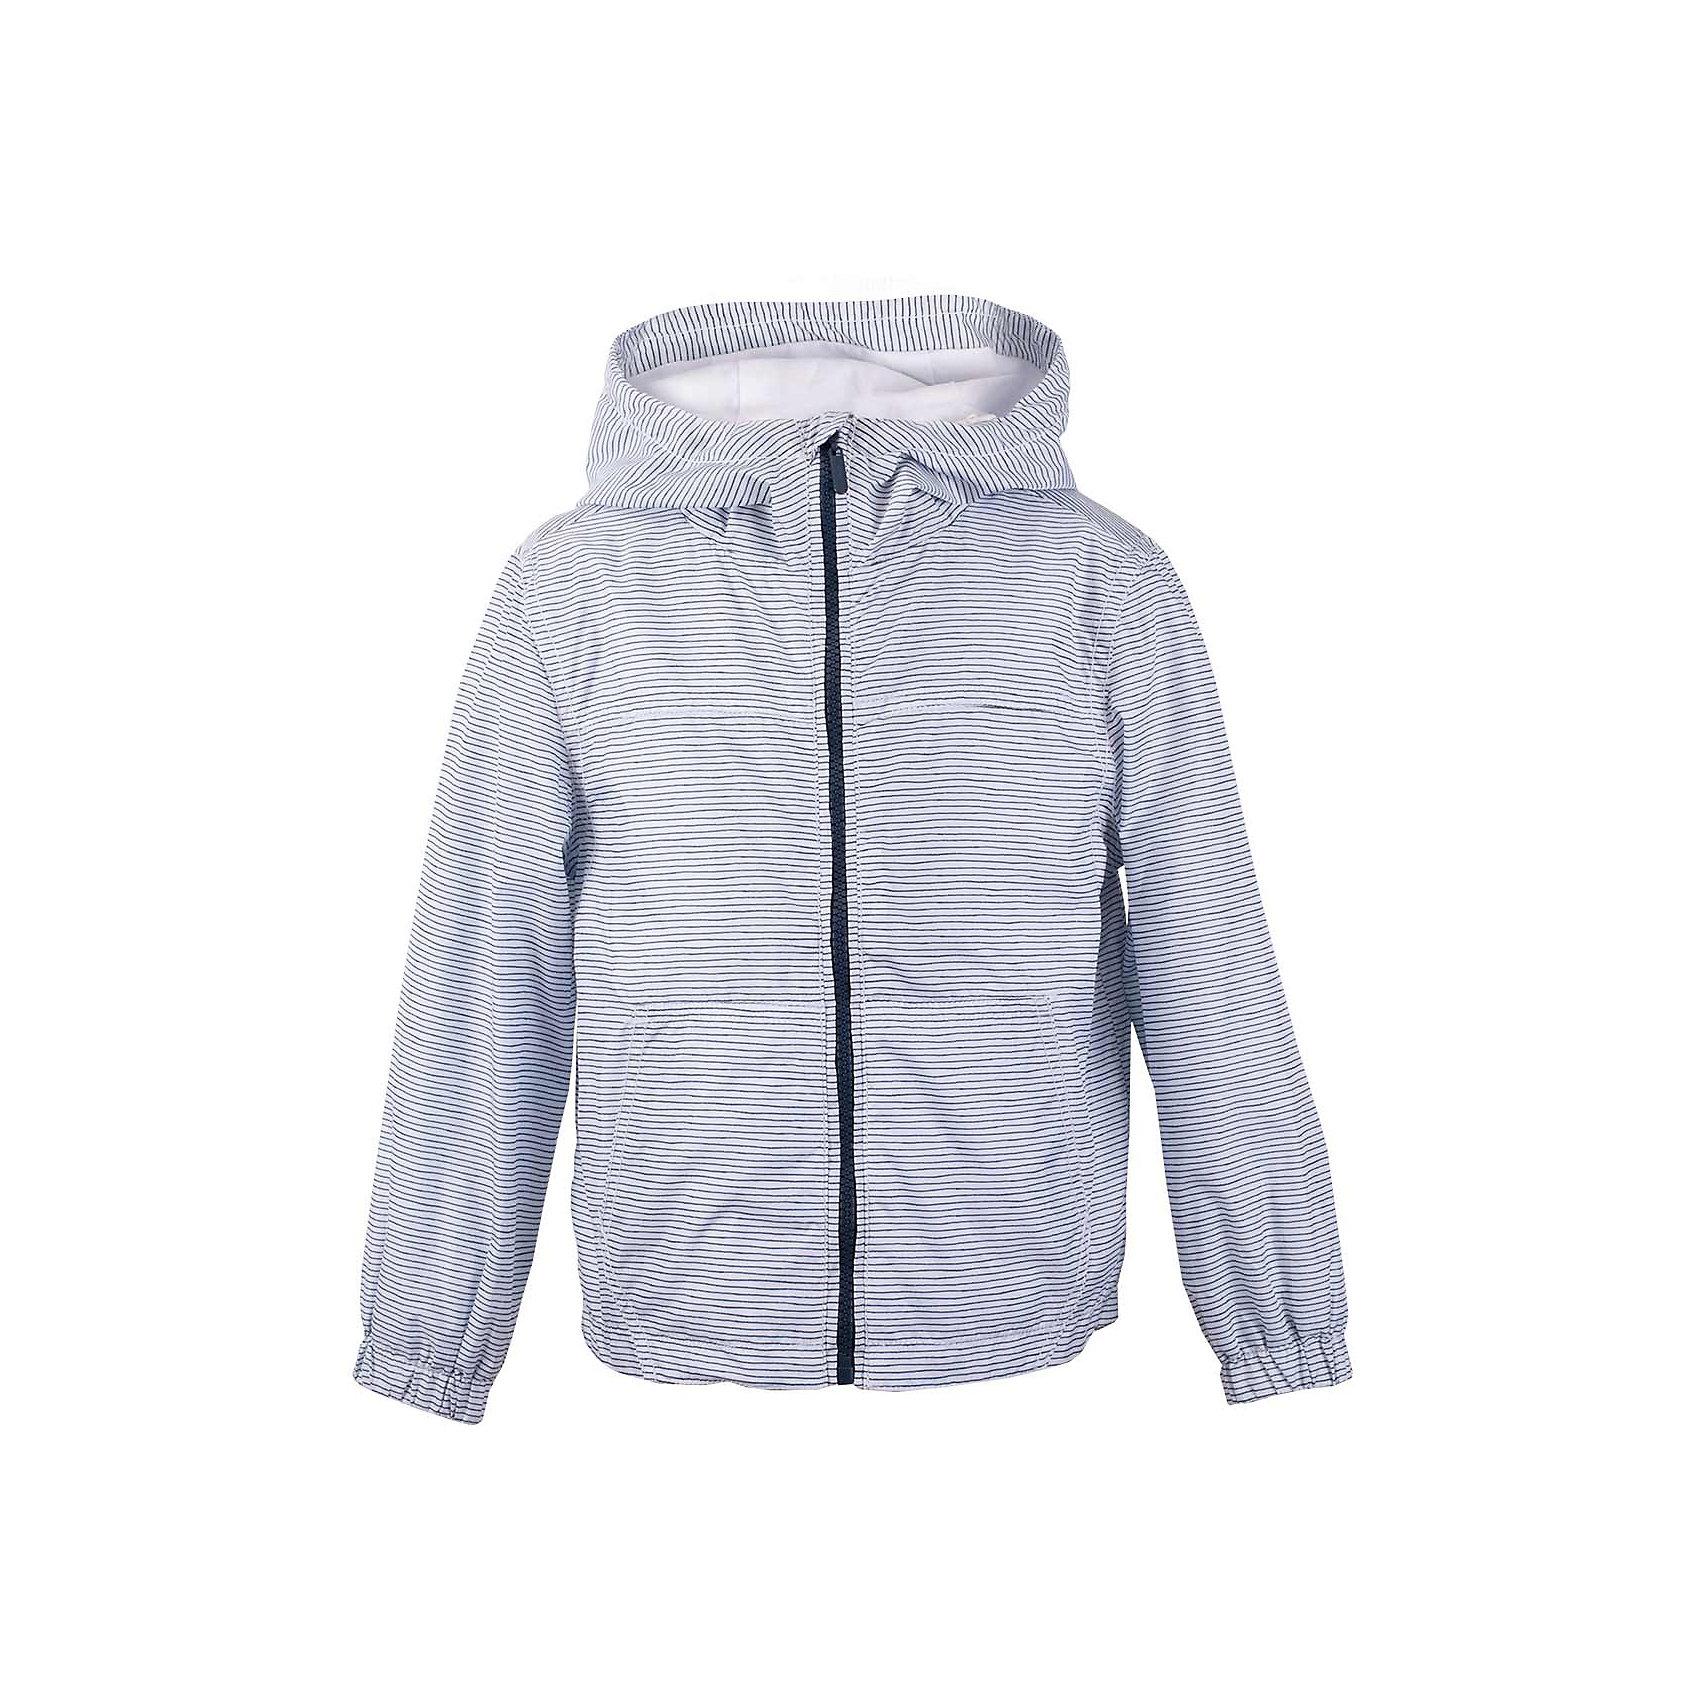 Куртка для мальчика  BUTTON BLUEВерхняя одежда<br>Куртка для мальчика  BUTTON BLUE<br>Яркая ветровка - прекрасное решение для летней прохлады. Модная форма, динамичный рисунок ткани, продуманные детали подарят отличное настроение. Капюшон надежно защитит от дождя и ветра. Хлопковая трикотажная подкладка создаст уют. Если вы решили купить стильную ветровку для мальчика недорого, но хотите быть уверены в ее комфорте, качестве, высоких потребительских свойствах, полосатая ветровка от Button Blue - то, что нужно!<br>Состав:<br>Ткань  верха: 100% полиэстер, подклад: 100% хлопок/ 100% полиэстер<br><br>Ширина мм: 356<br>Глубина мм: 10<br>Высота мм: 245<br>Вес г: 519<br>Цвет: разноцветный<br>Возраст от месяцев: 144<br>Возраст до месяцев: 156<br>Пол: Мужской<br>Возраст: Детский<br>Размер: 158,98,104,110,116,122,128,134,140,146,152<br>SKU: 5524551